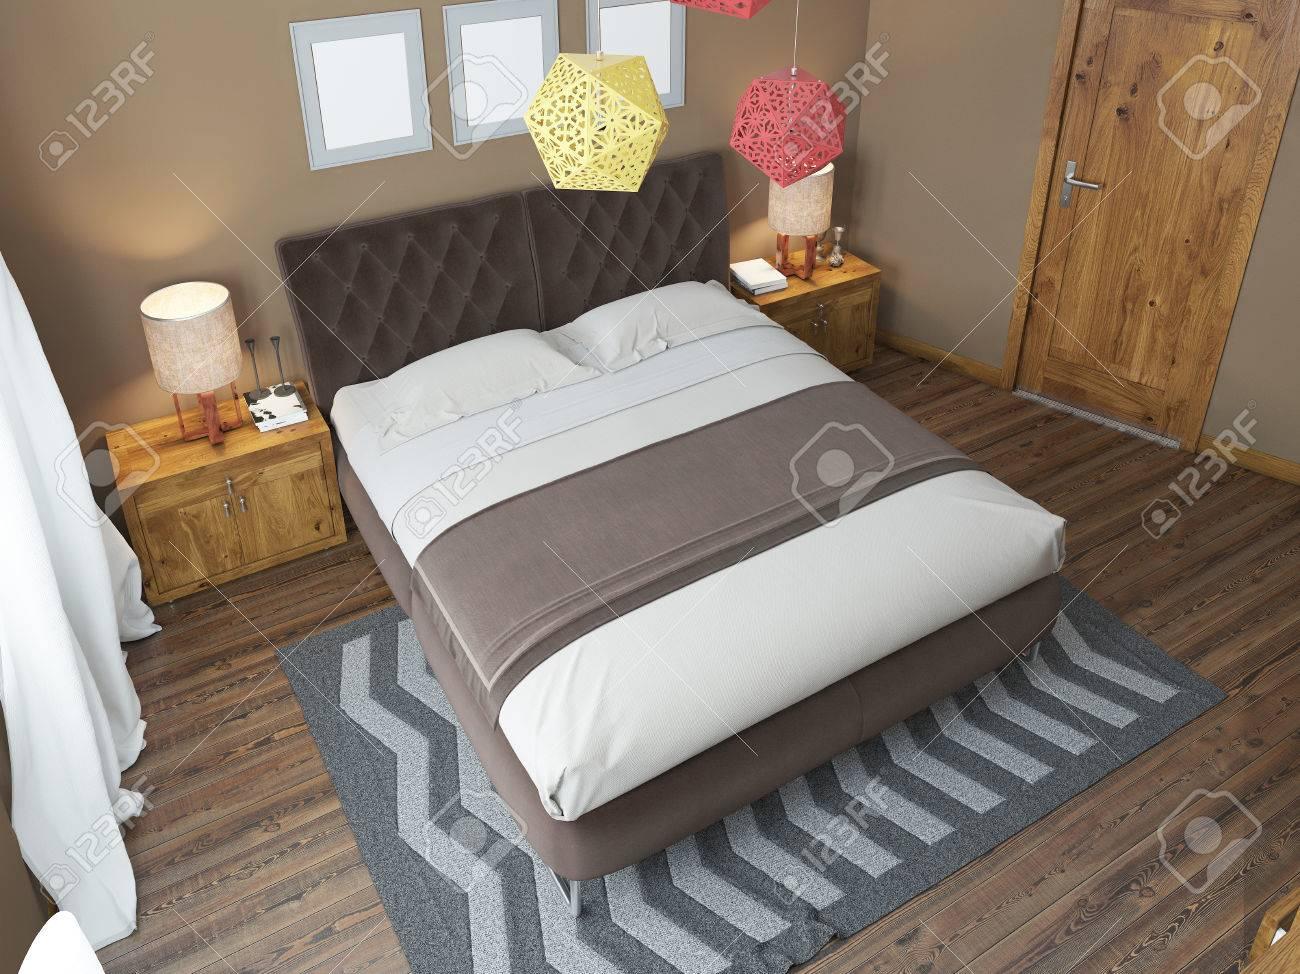 luminosa camera da letto di lusso nel soppalco. la camera da letto ... - Camera Da Letto Su Soppalco